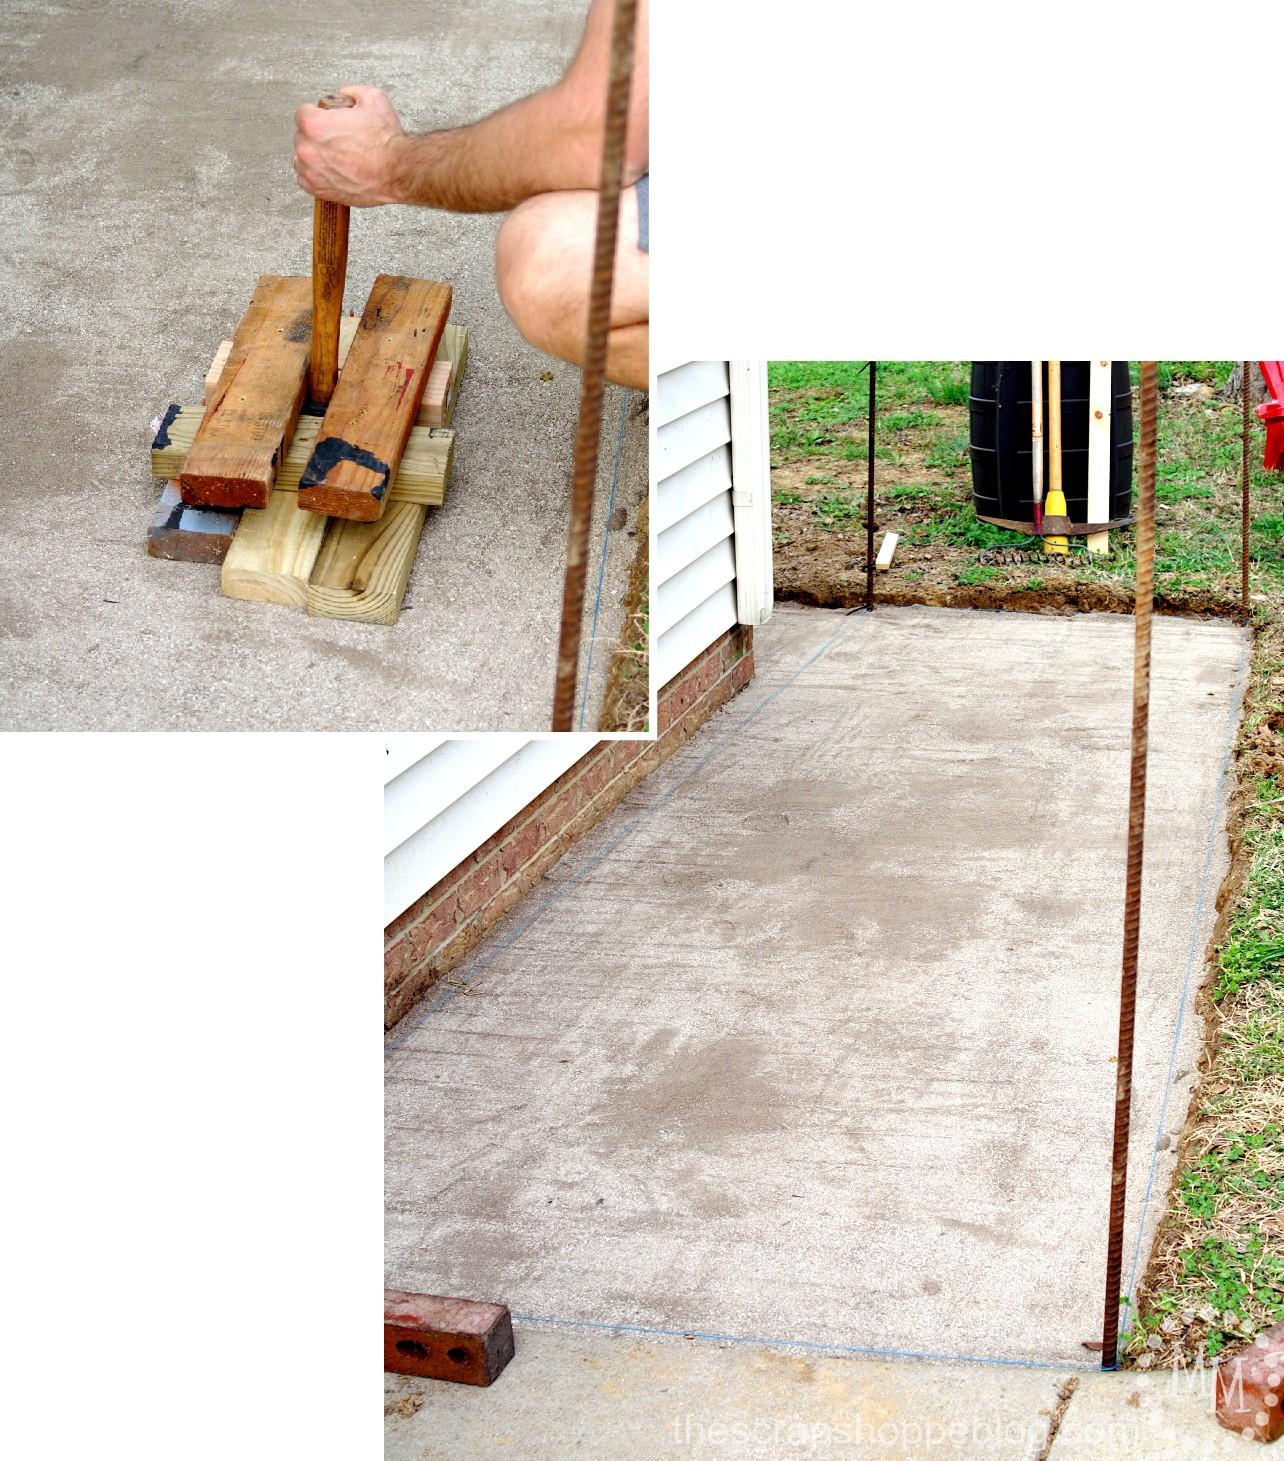 how to build a brick patio - adding paver base